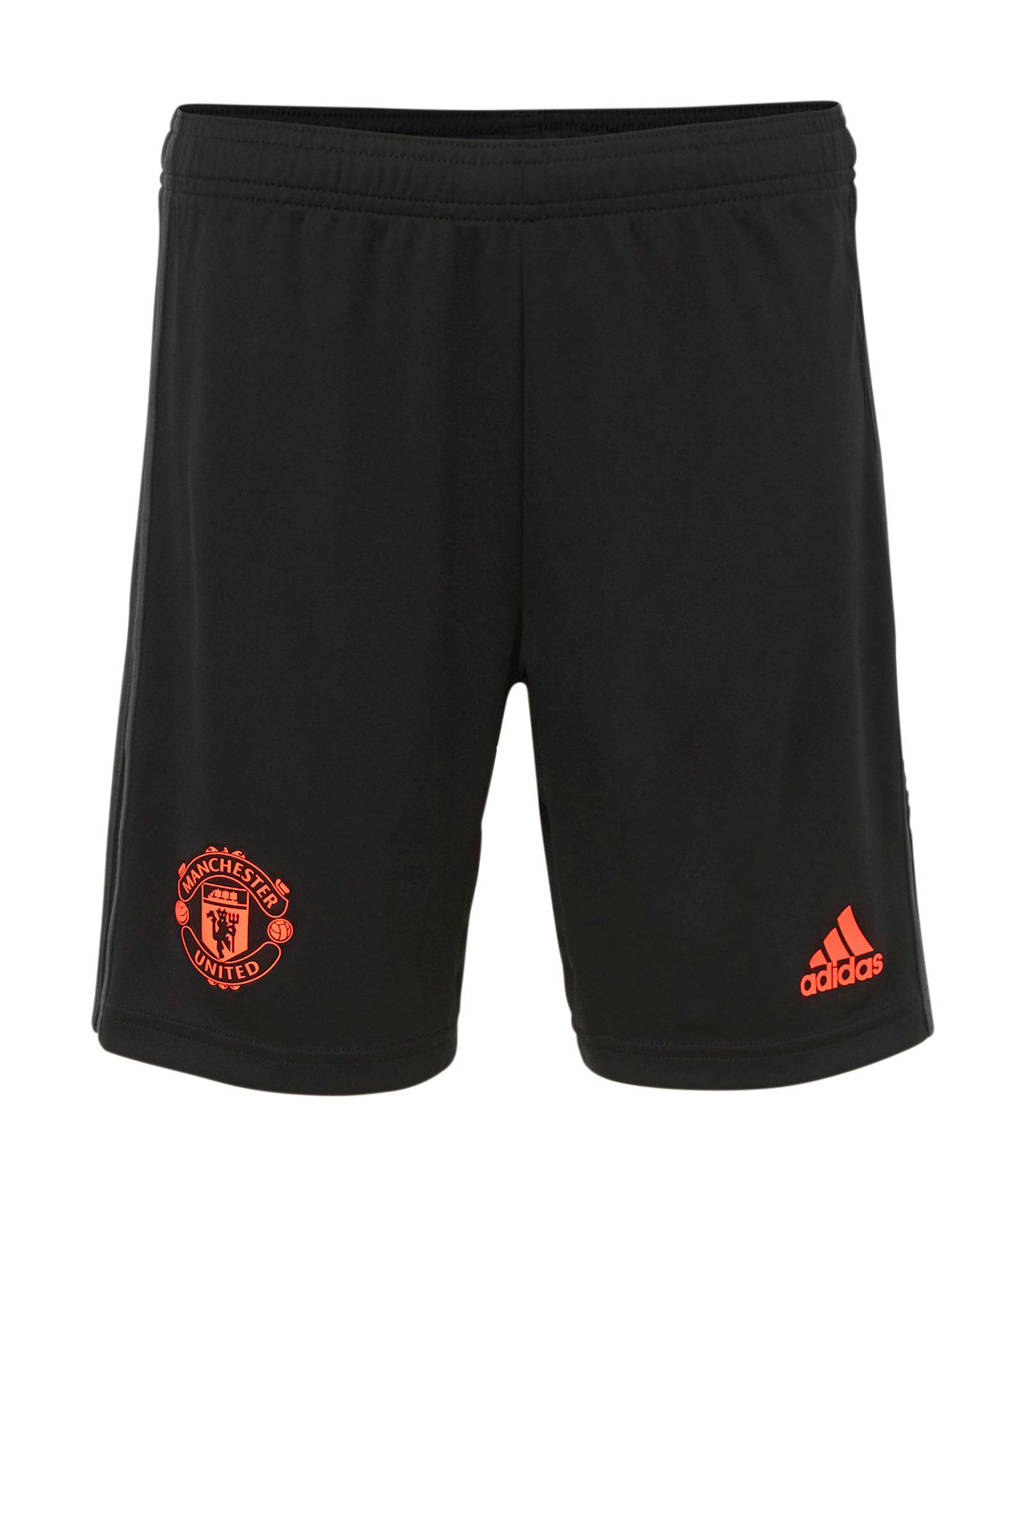 adidas Junior Manchester United voetbalshort, Zwart